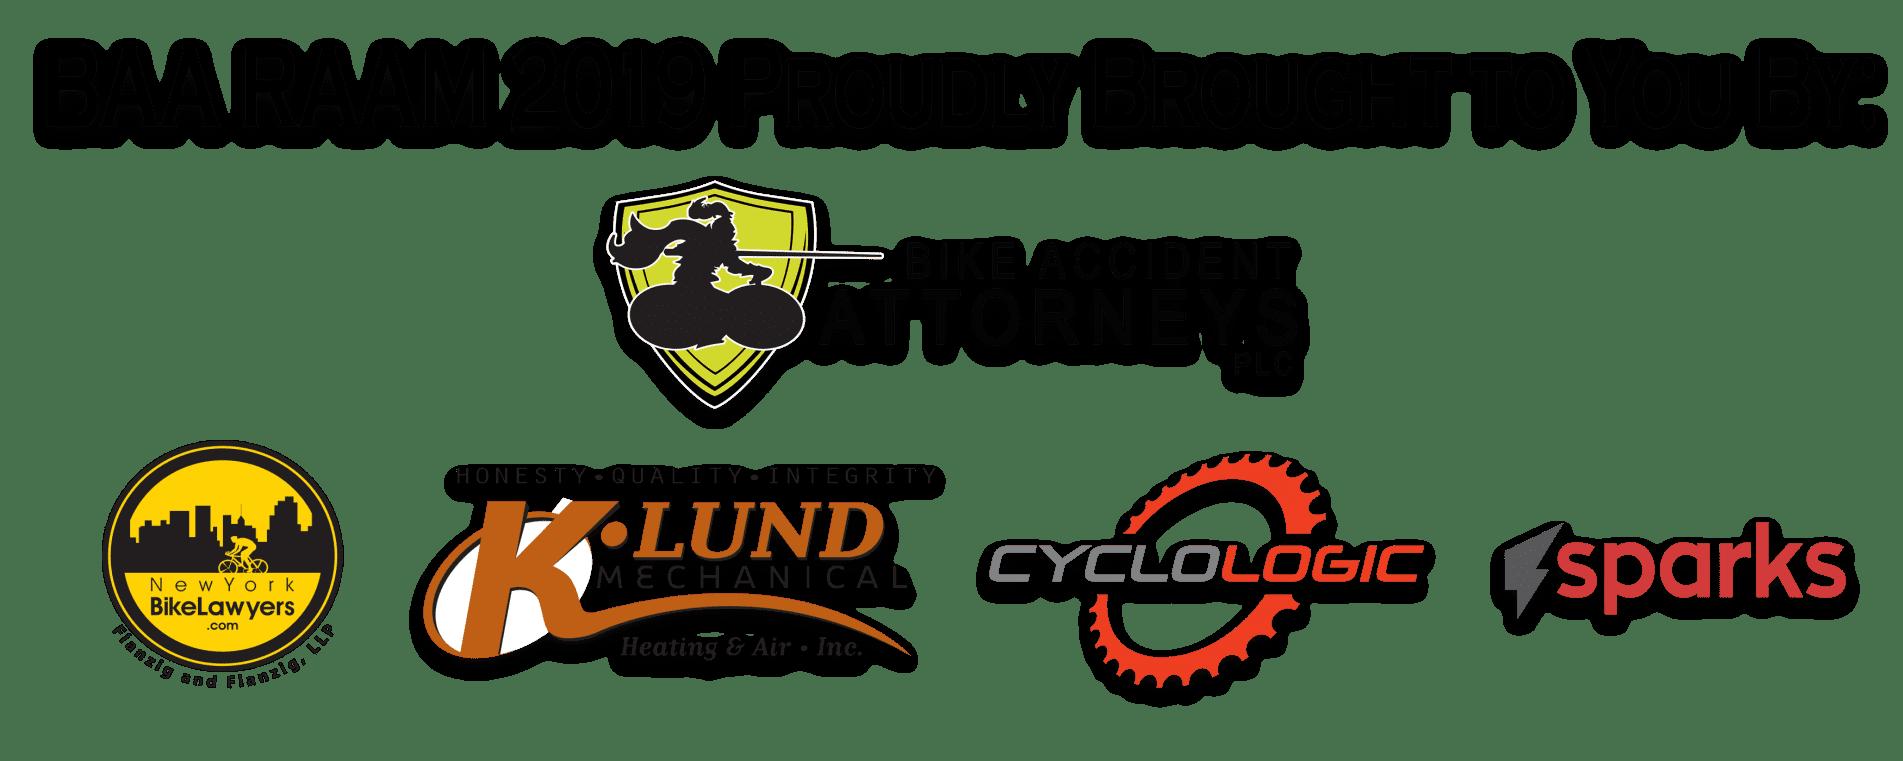 website-logo-header-image4